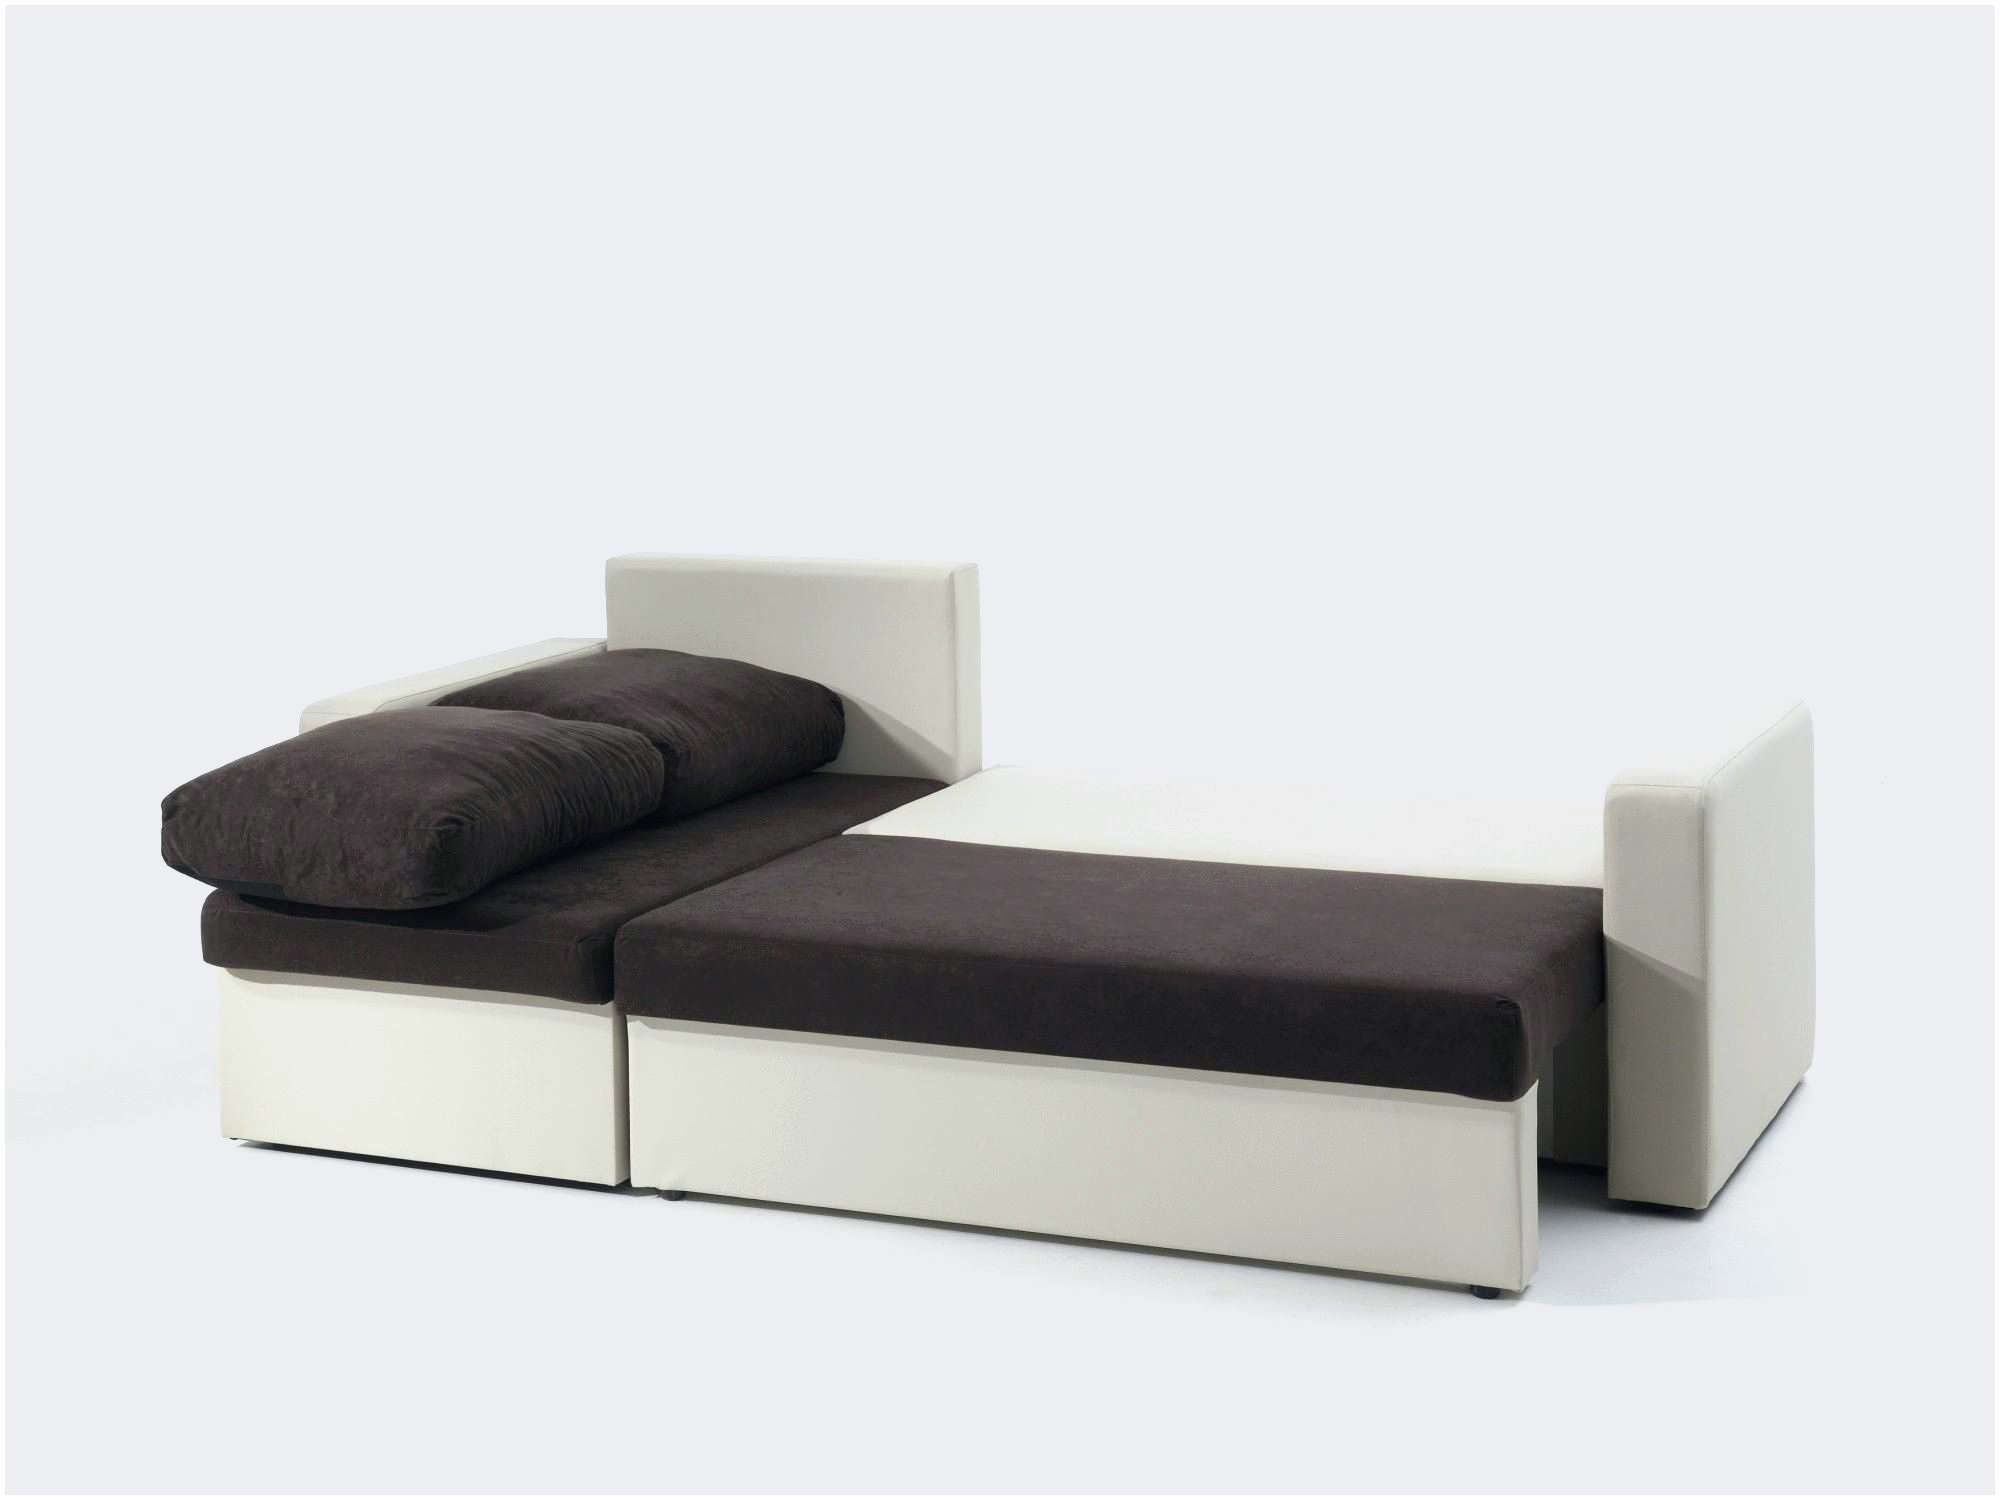 Lit Superposé Pour Fille Inspirant Frais Lit Mezzanine Ikea 2 Places Pour Alternative Lit Superposé